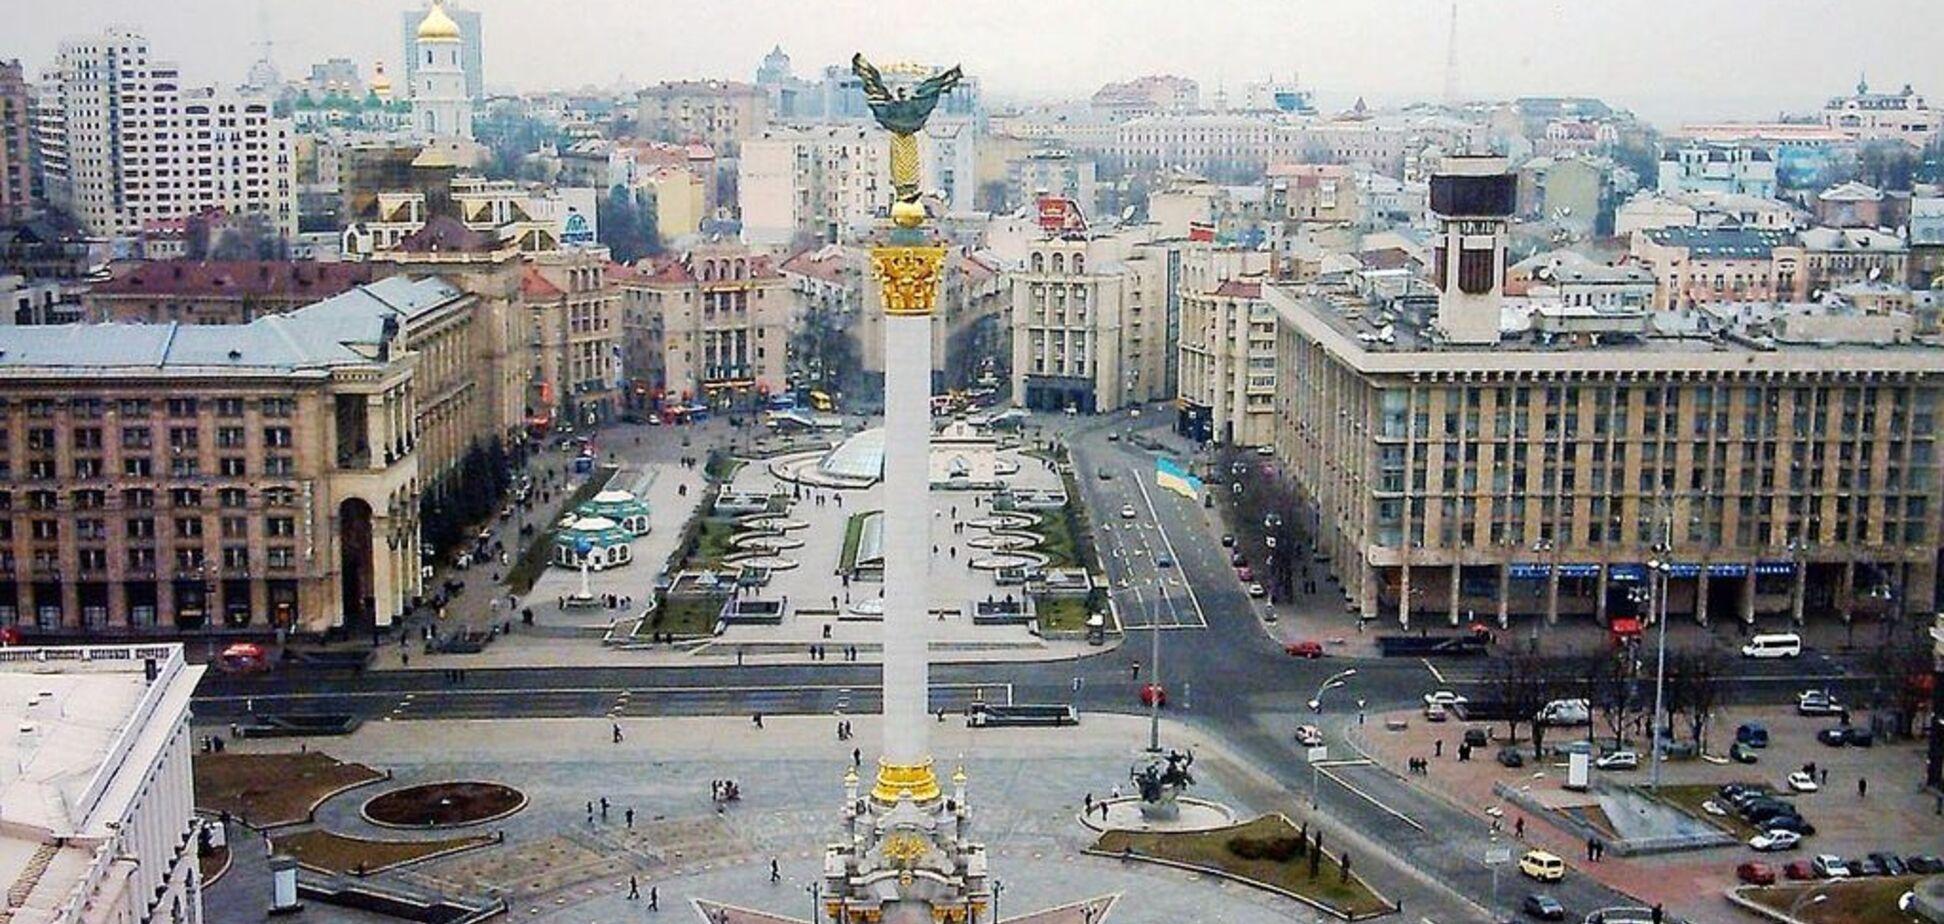 Майдан 'замінований гранатами': у Києві стався переполох